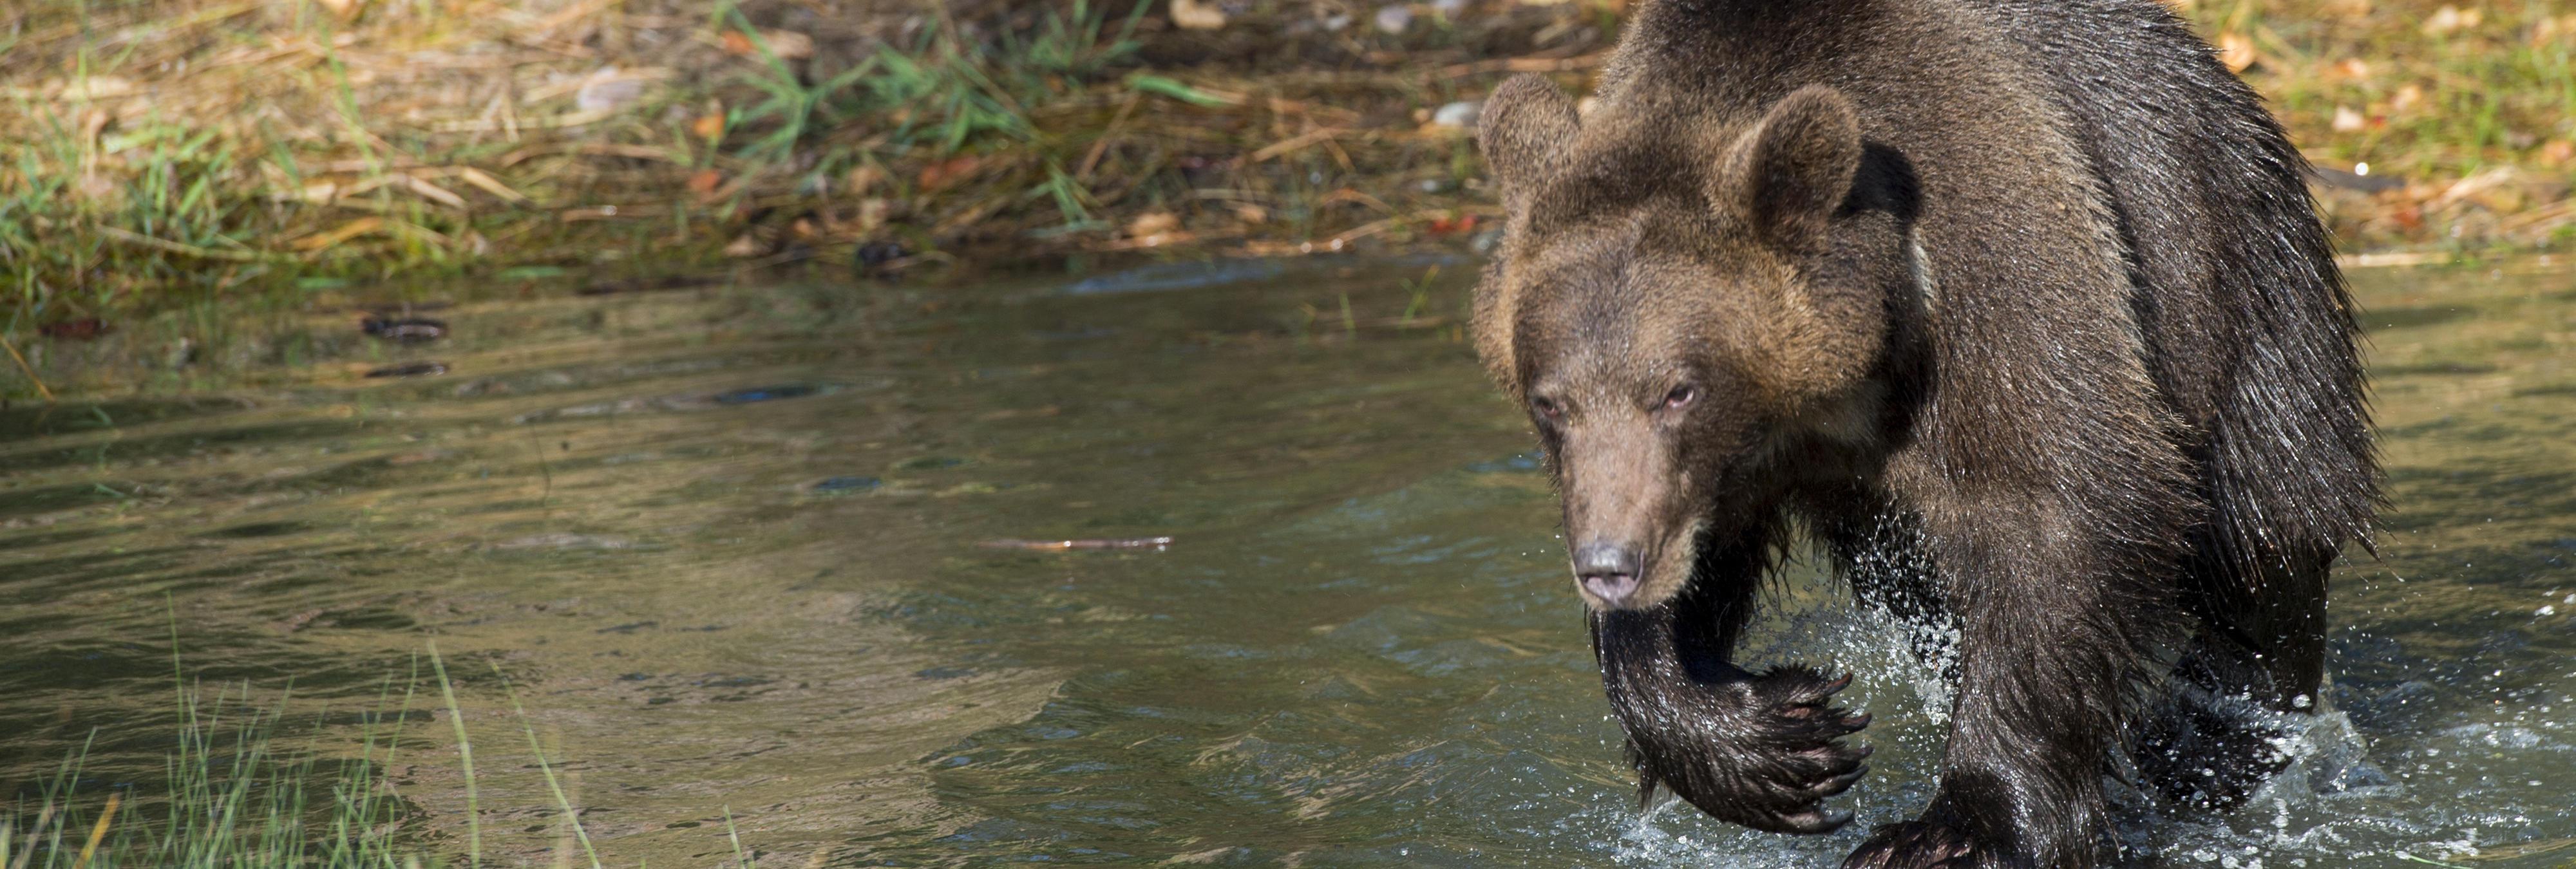 Un oso salvaje se cuela en un centro comercial de Rusia